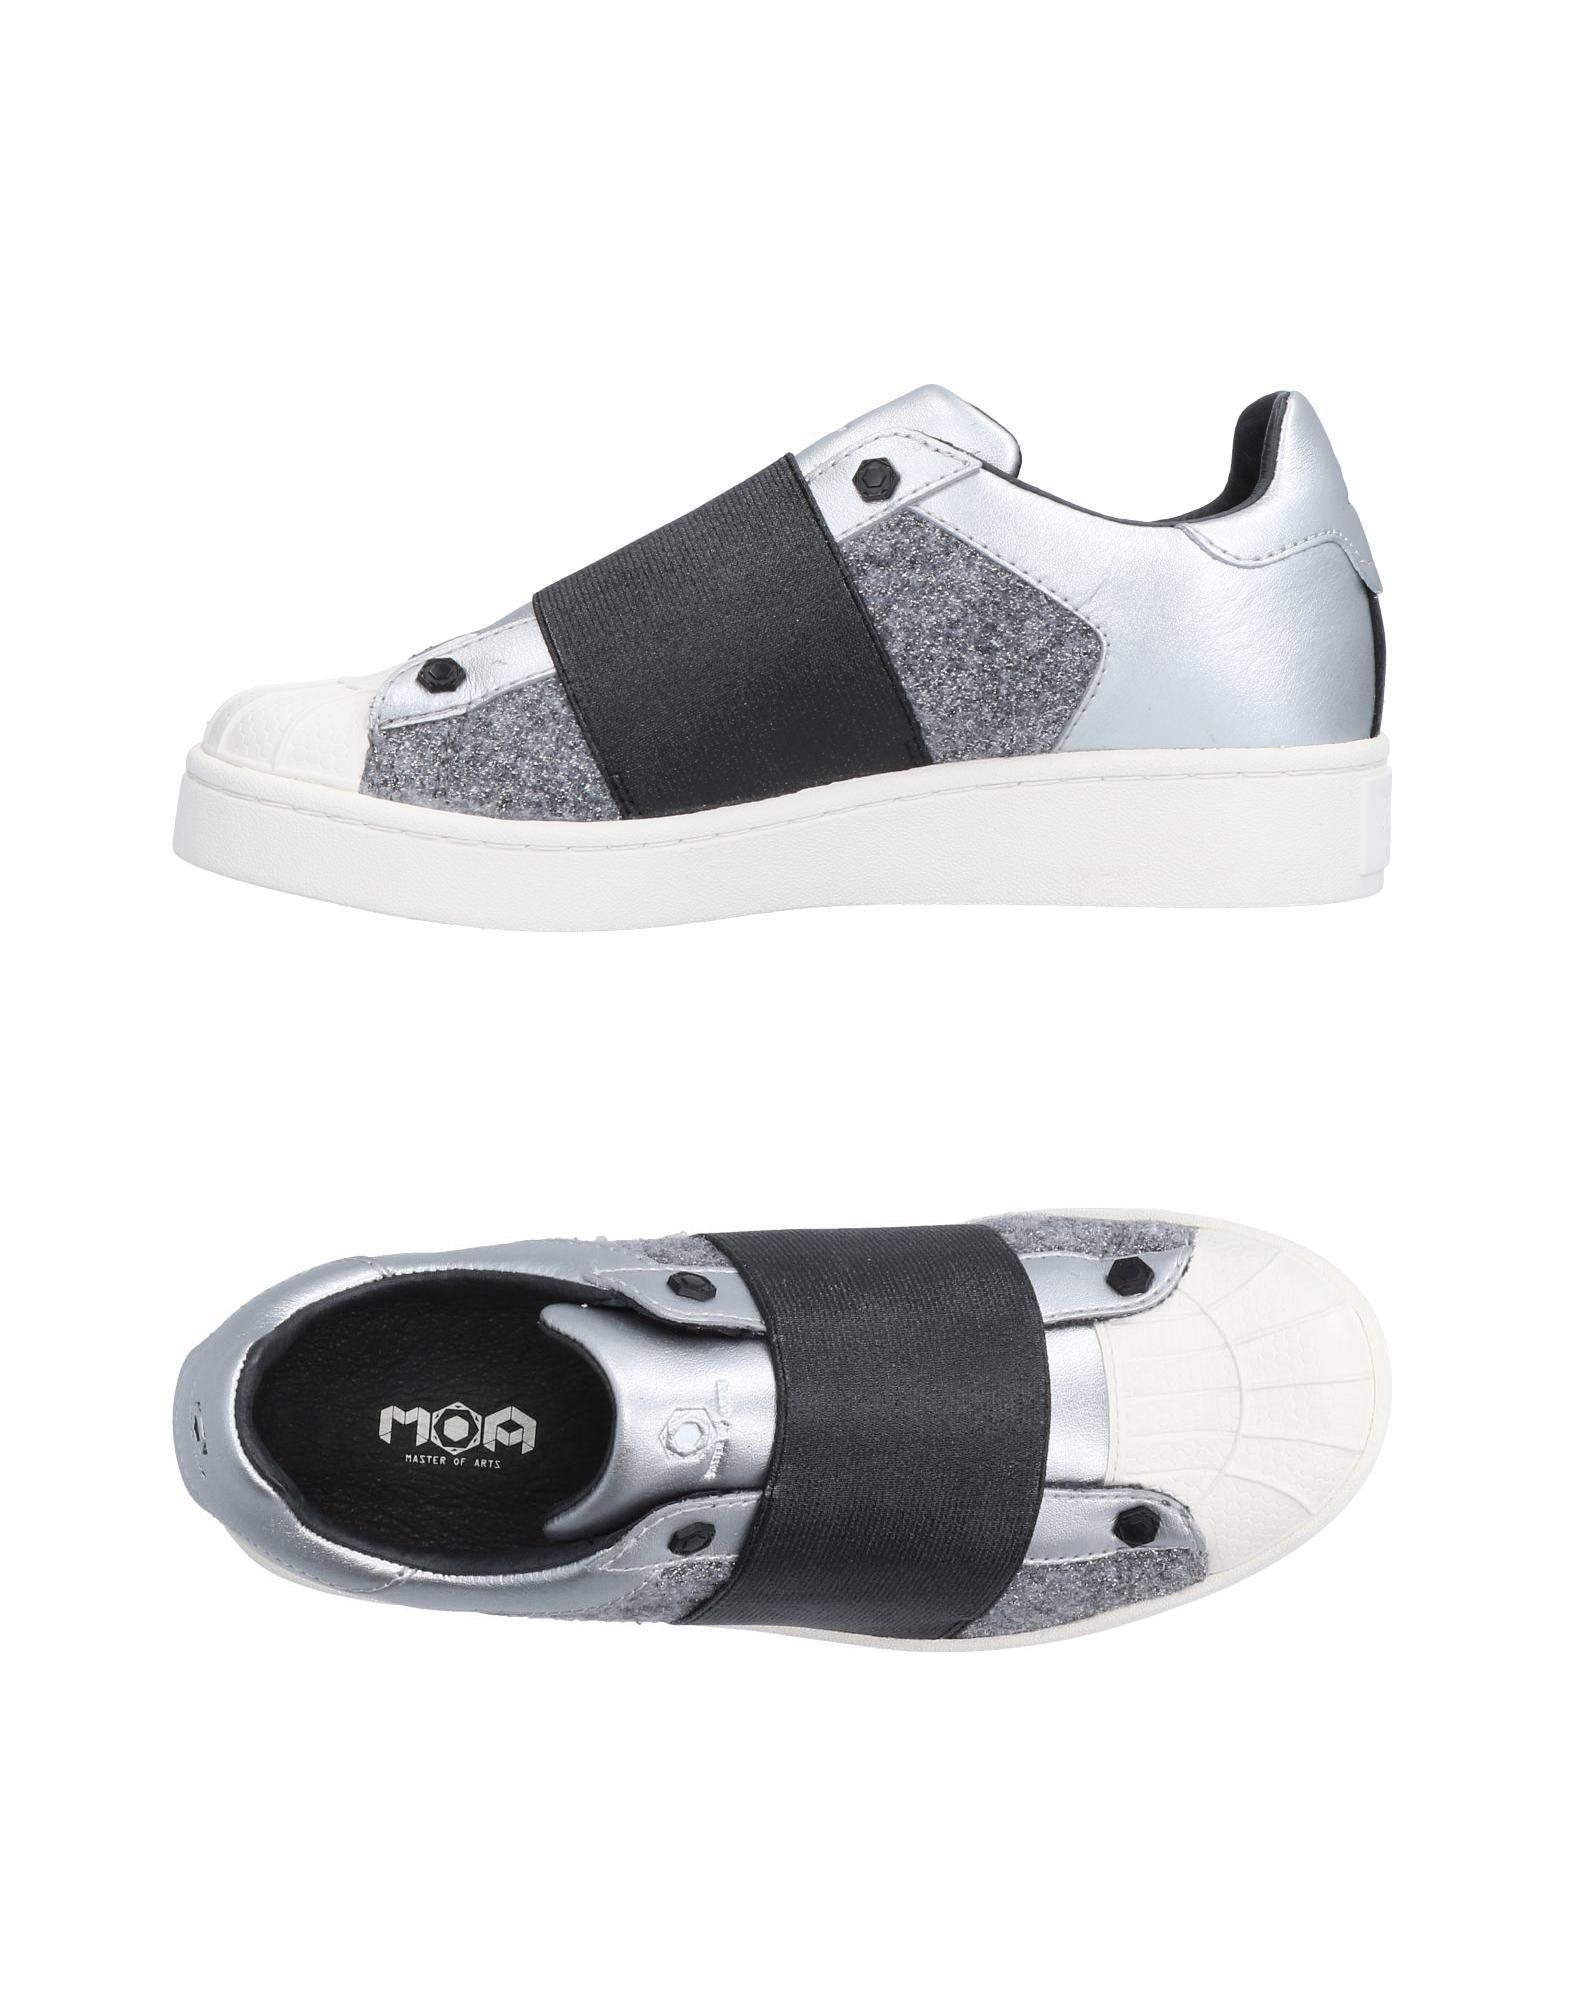 93805fbf99 Stilvolle billige Arts Schuhe Moa Master Of Arts billige Sneakers Damen  11509607OE f27739